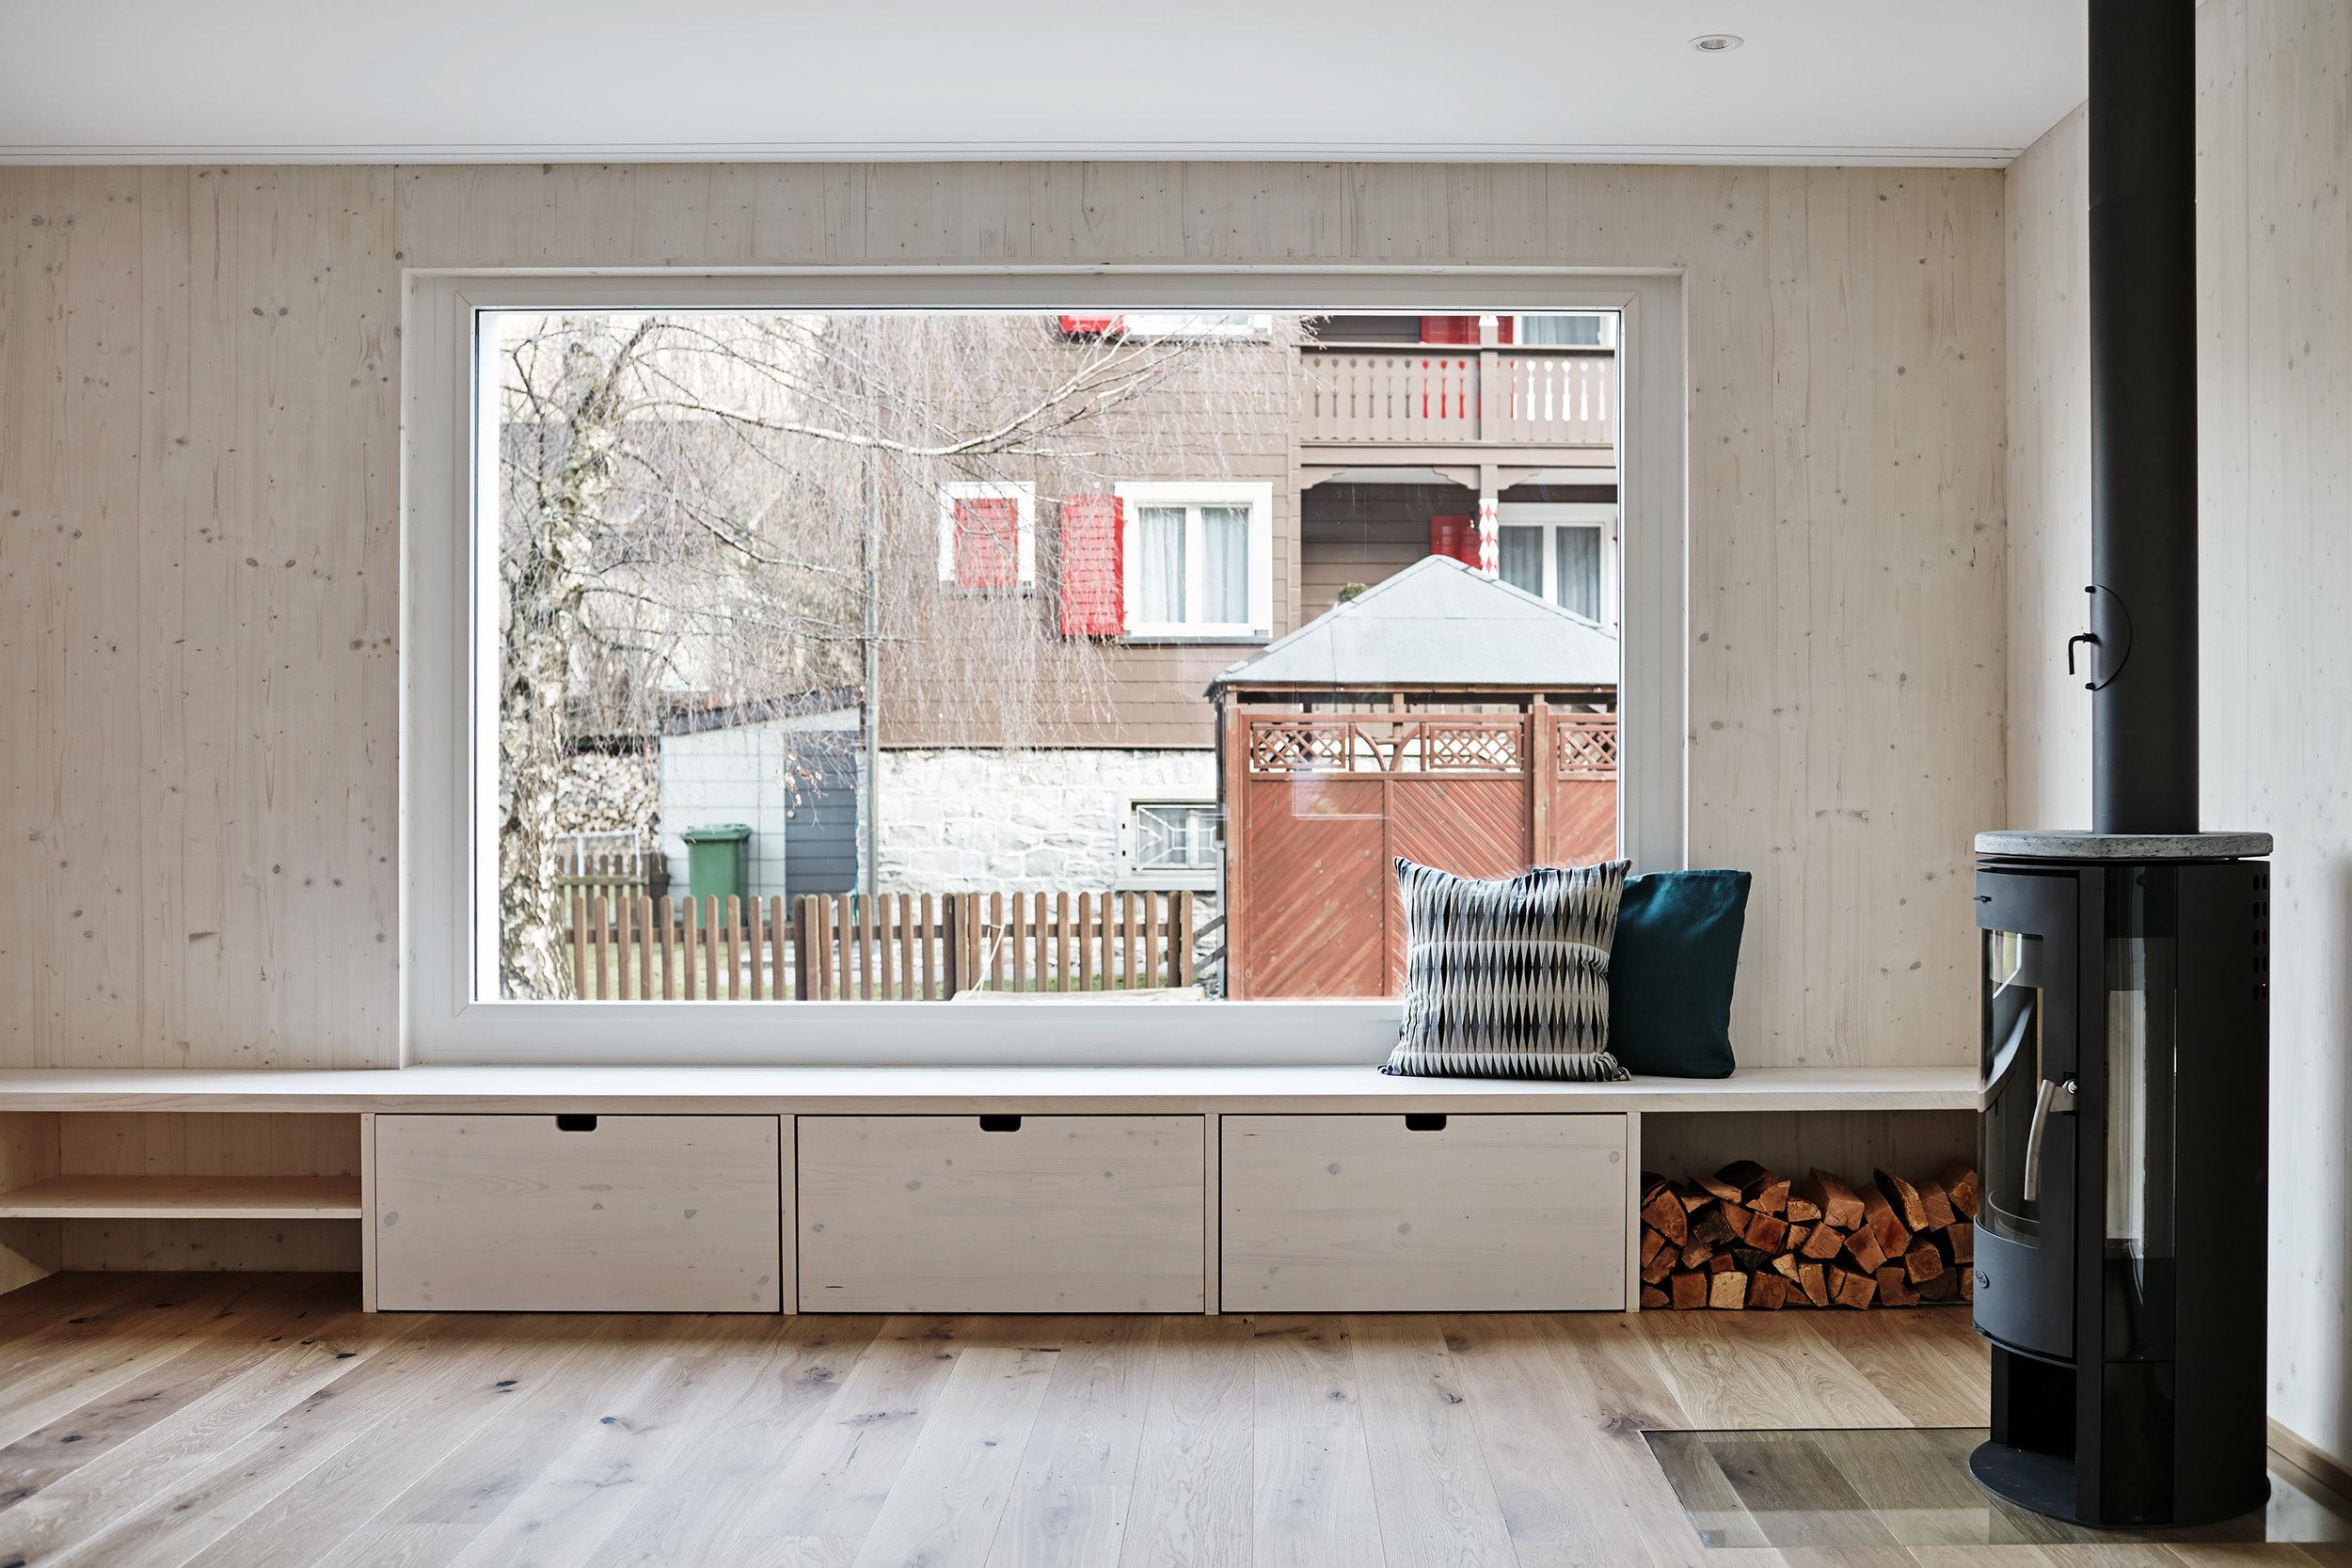 Einfamilienhaus in Näfels im MagazinRaum und Wohnen 10/18 - Hier finden Sie den Artikel als PDF.